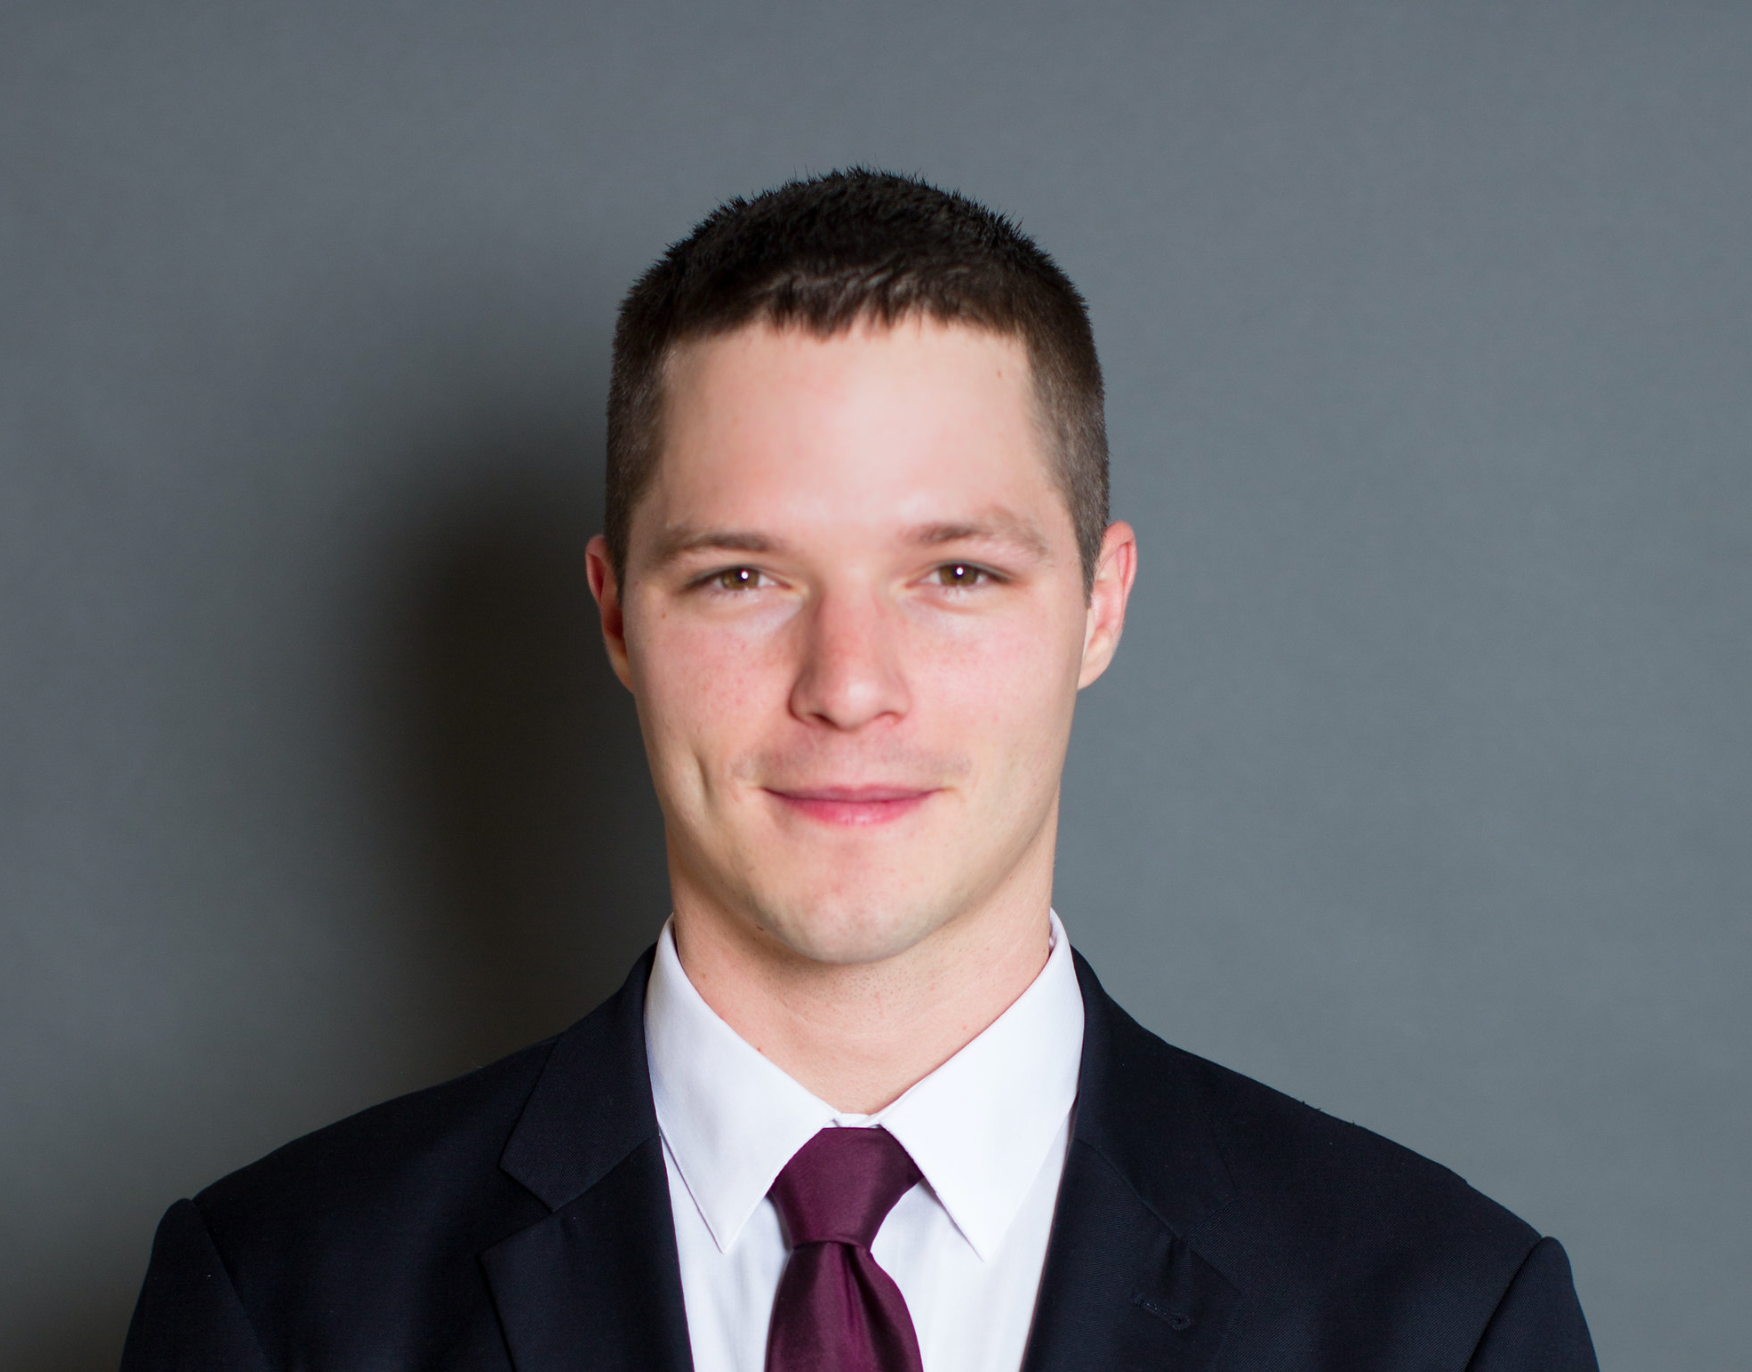 SPEAKER ADDED: Austin Alexander, VP Kraken Digital Asset Exchange